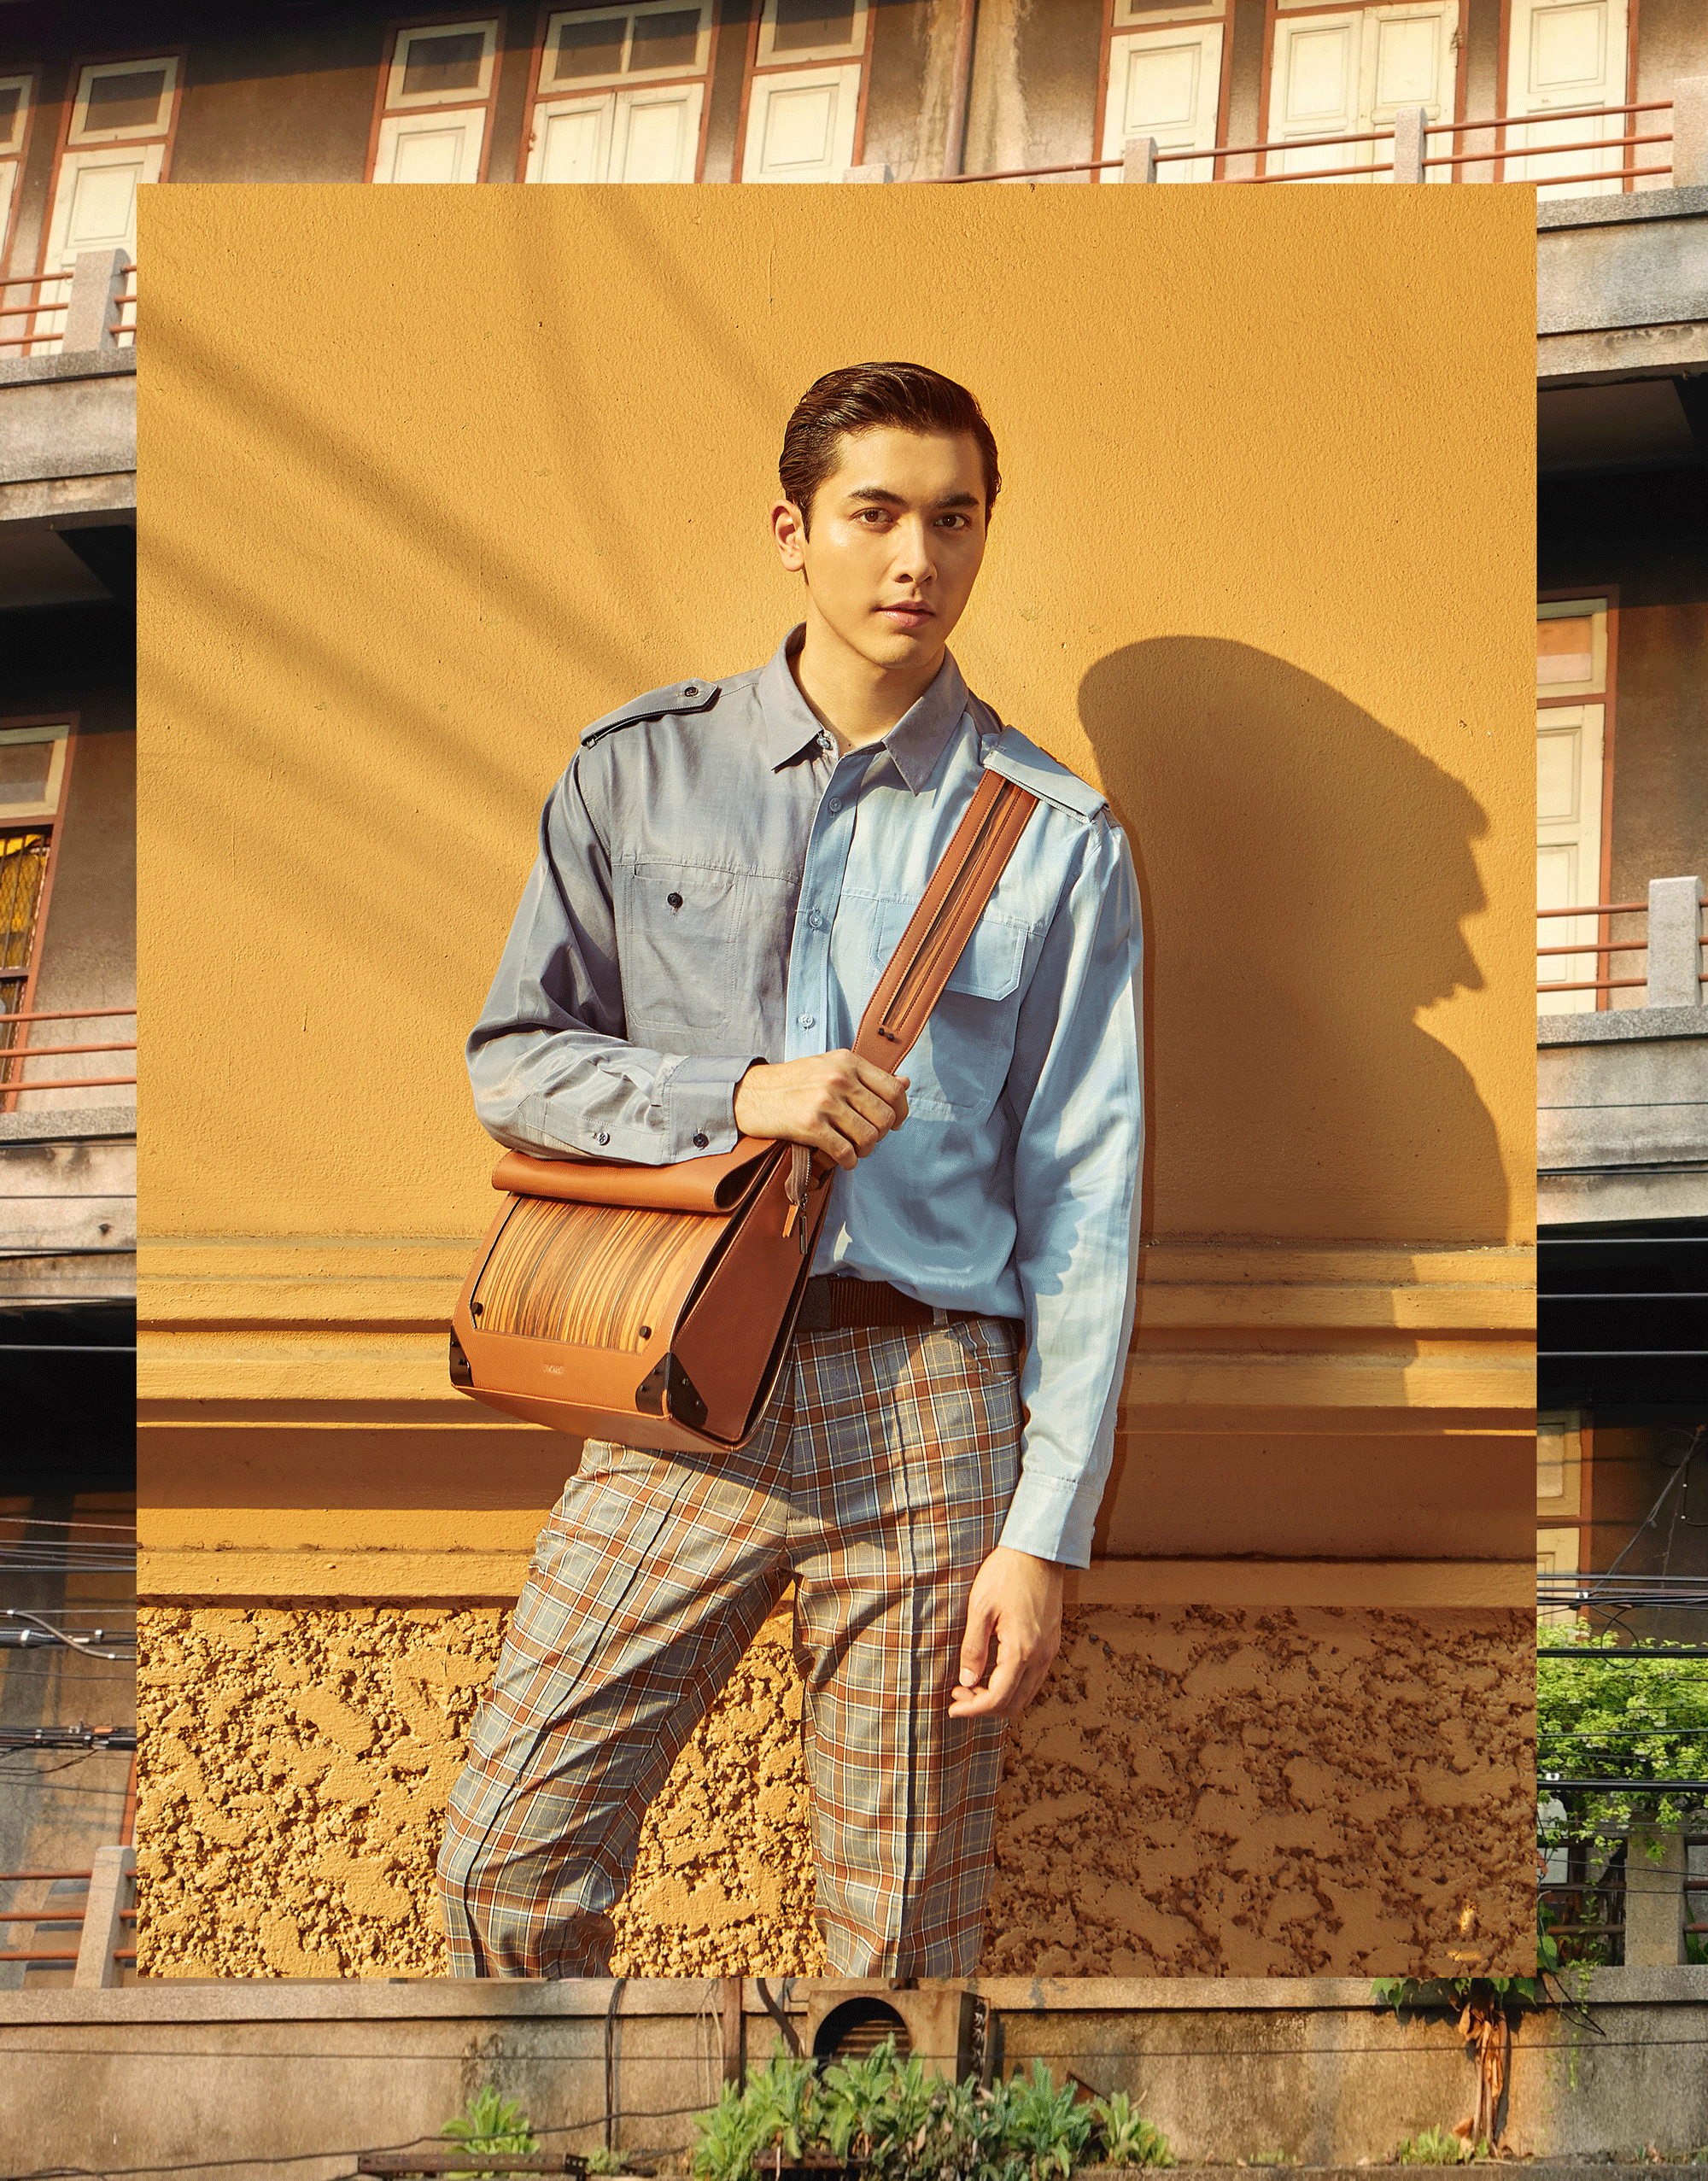 clothes : Everyday Karmakamet / bag : FORREST